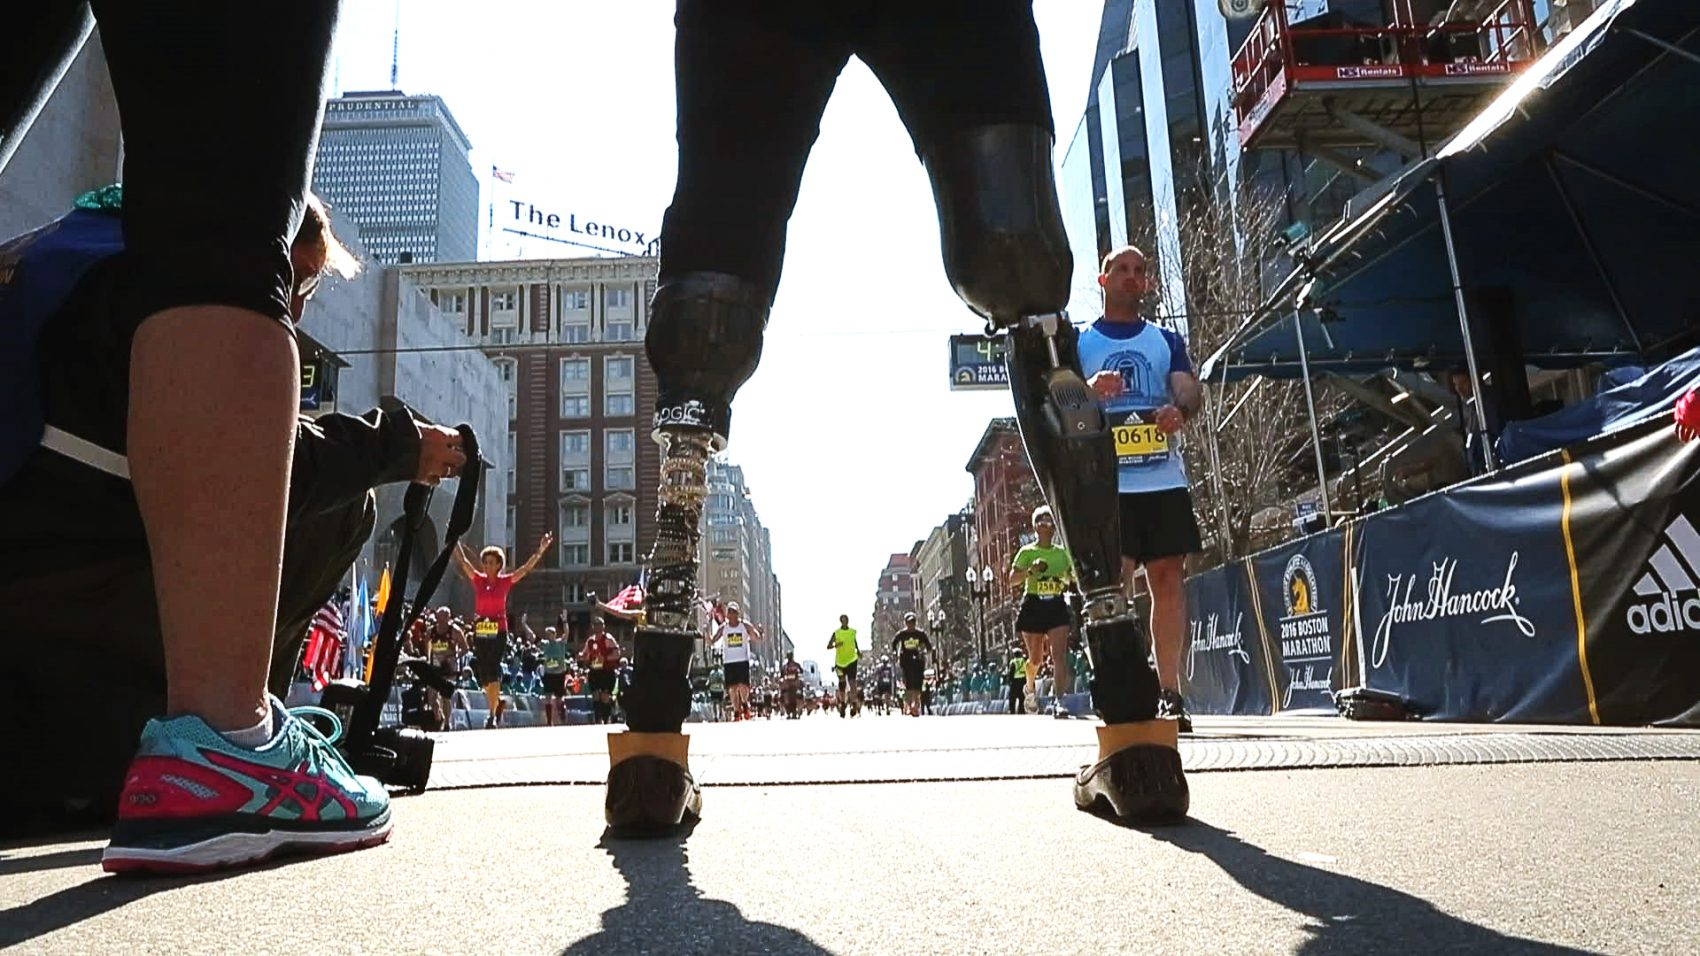 Celeste Corcoran at the 2016 Boston Marathon. (Courtesy of HBO)